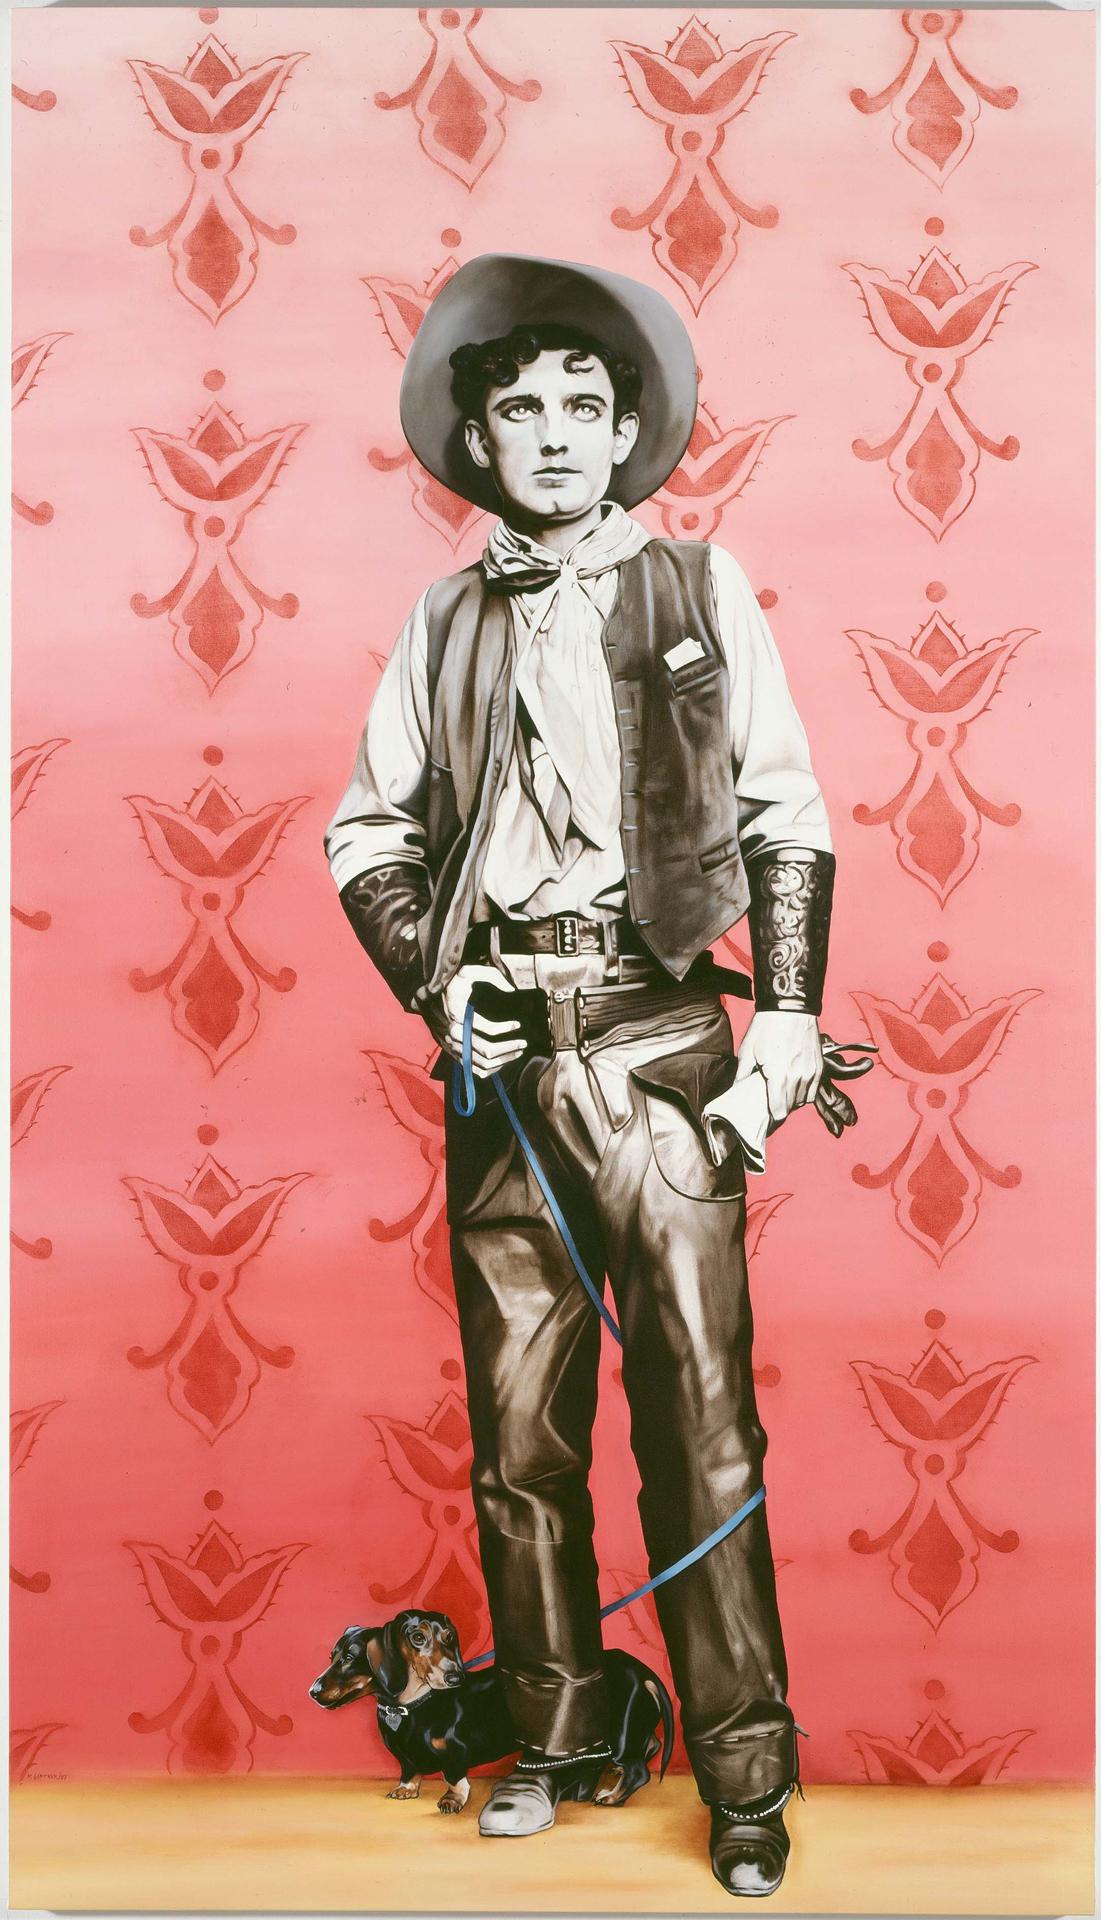 Marianna Gartner, The Double Whammy, 2007, Öl auf Leinwand, 244 x 137,5 cm